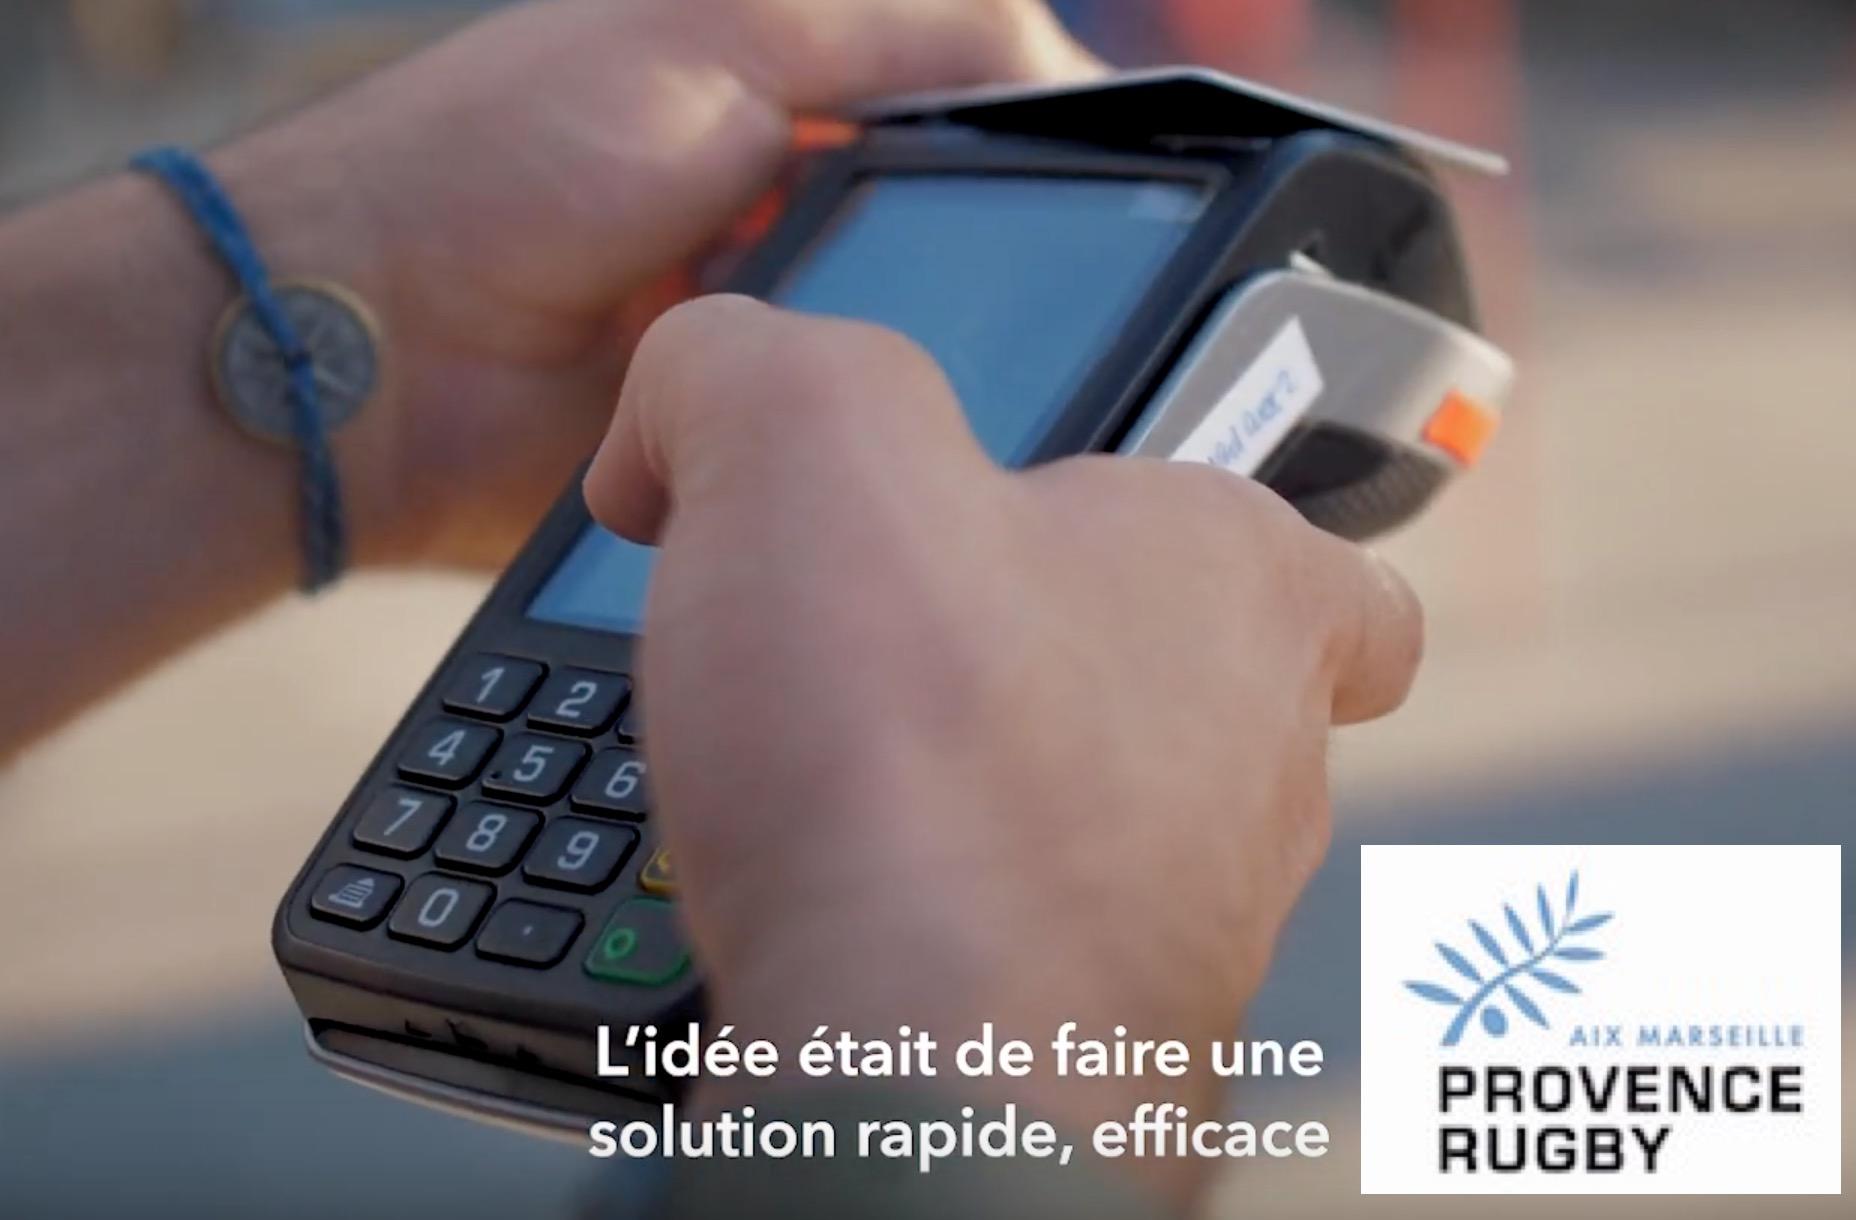 Vidéo du paiement cashless à Provence Rugby